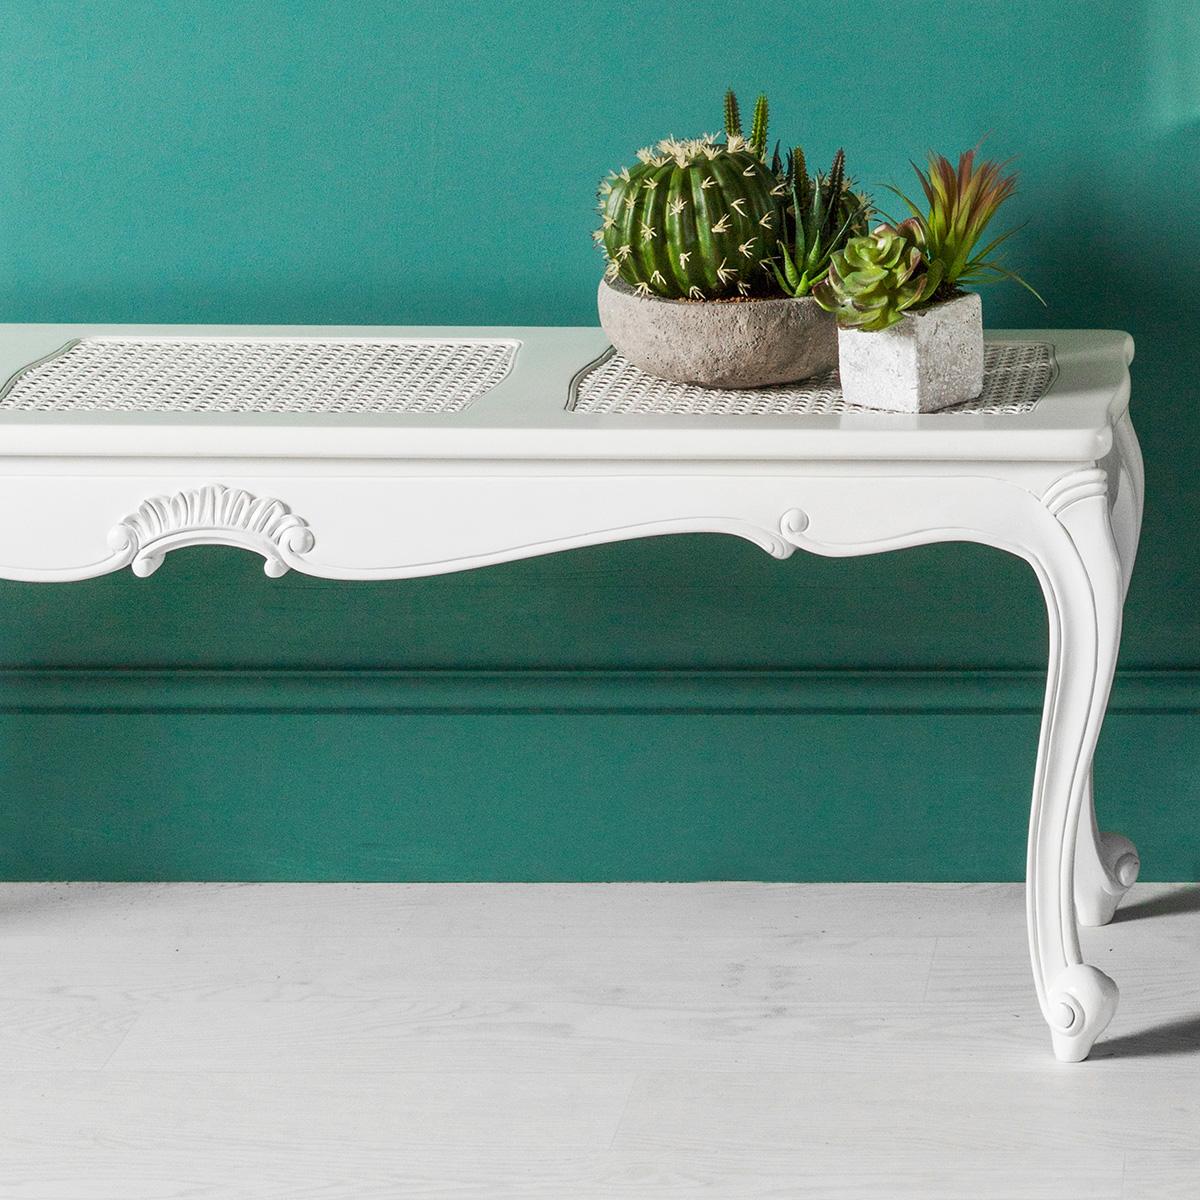 Madeleine Rococo Cane Work Bench (Finish: Chalk)